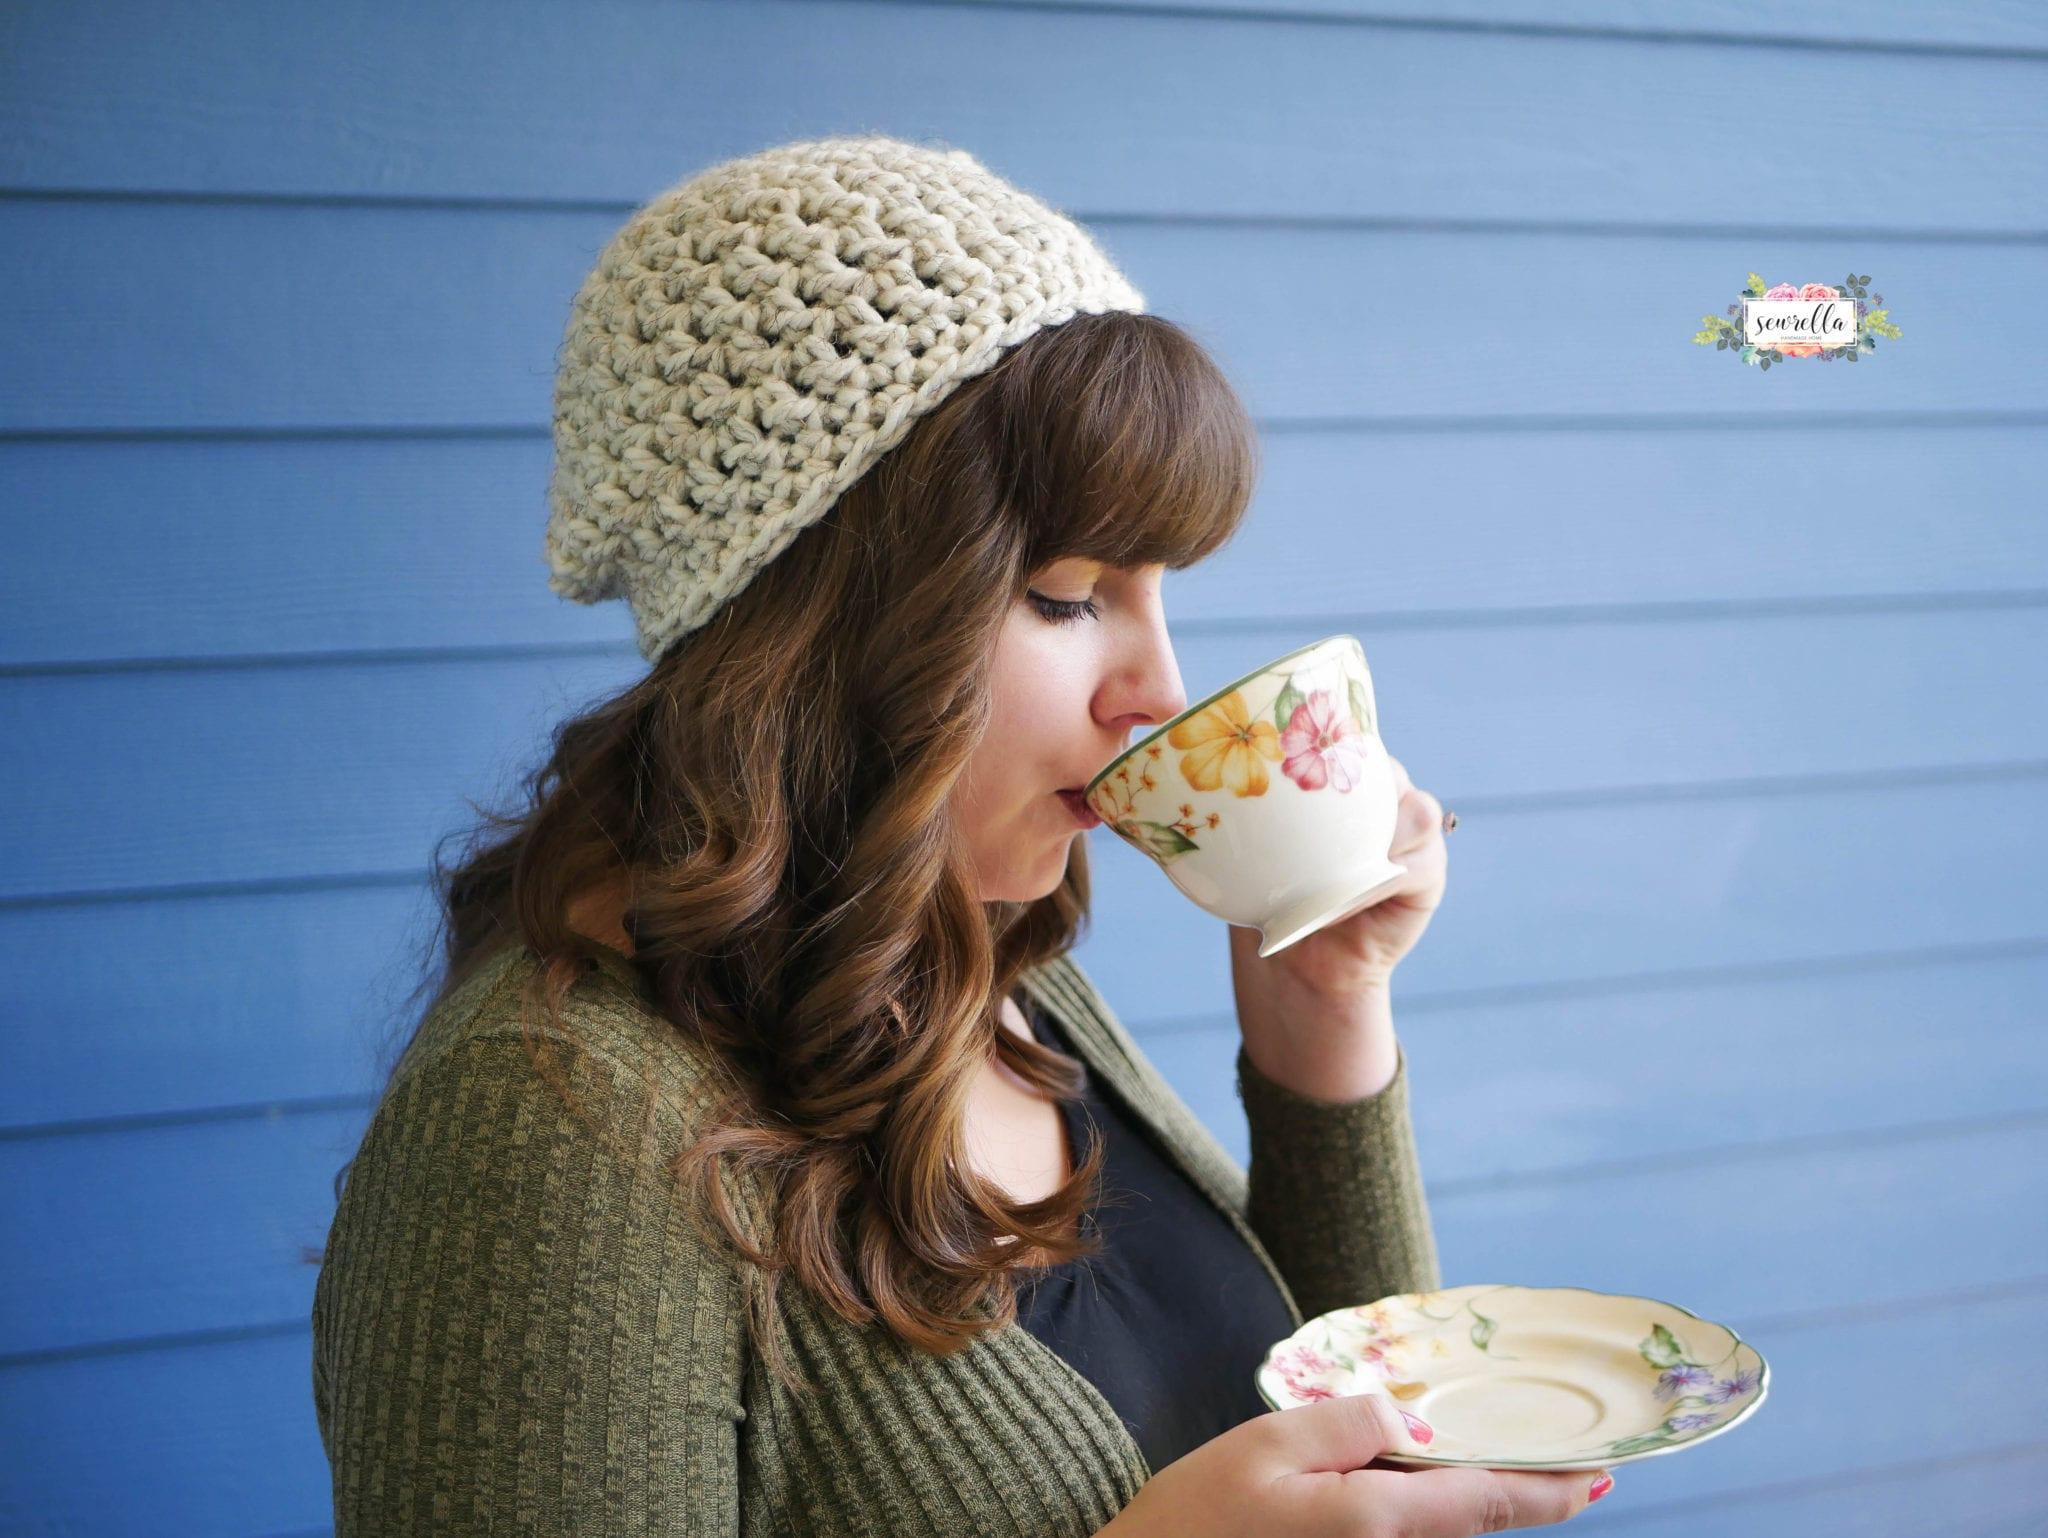 e0a4d25eef7 30 Minute Beginner Crochet Slouchy Hat - Sewrella